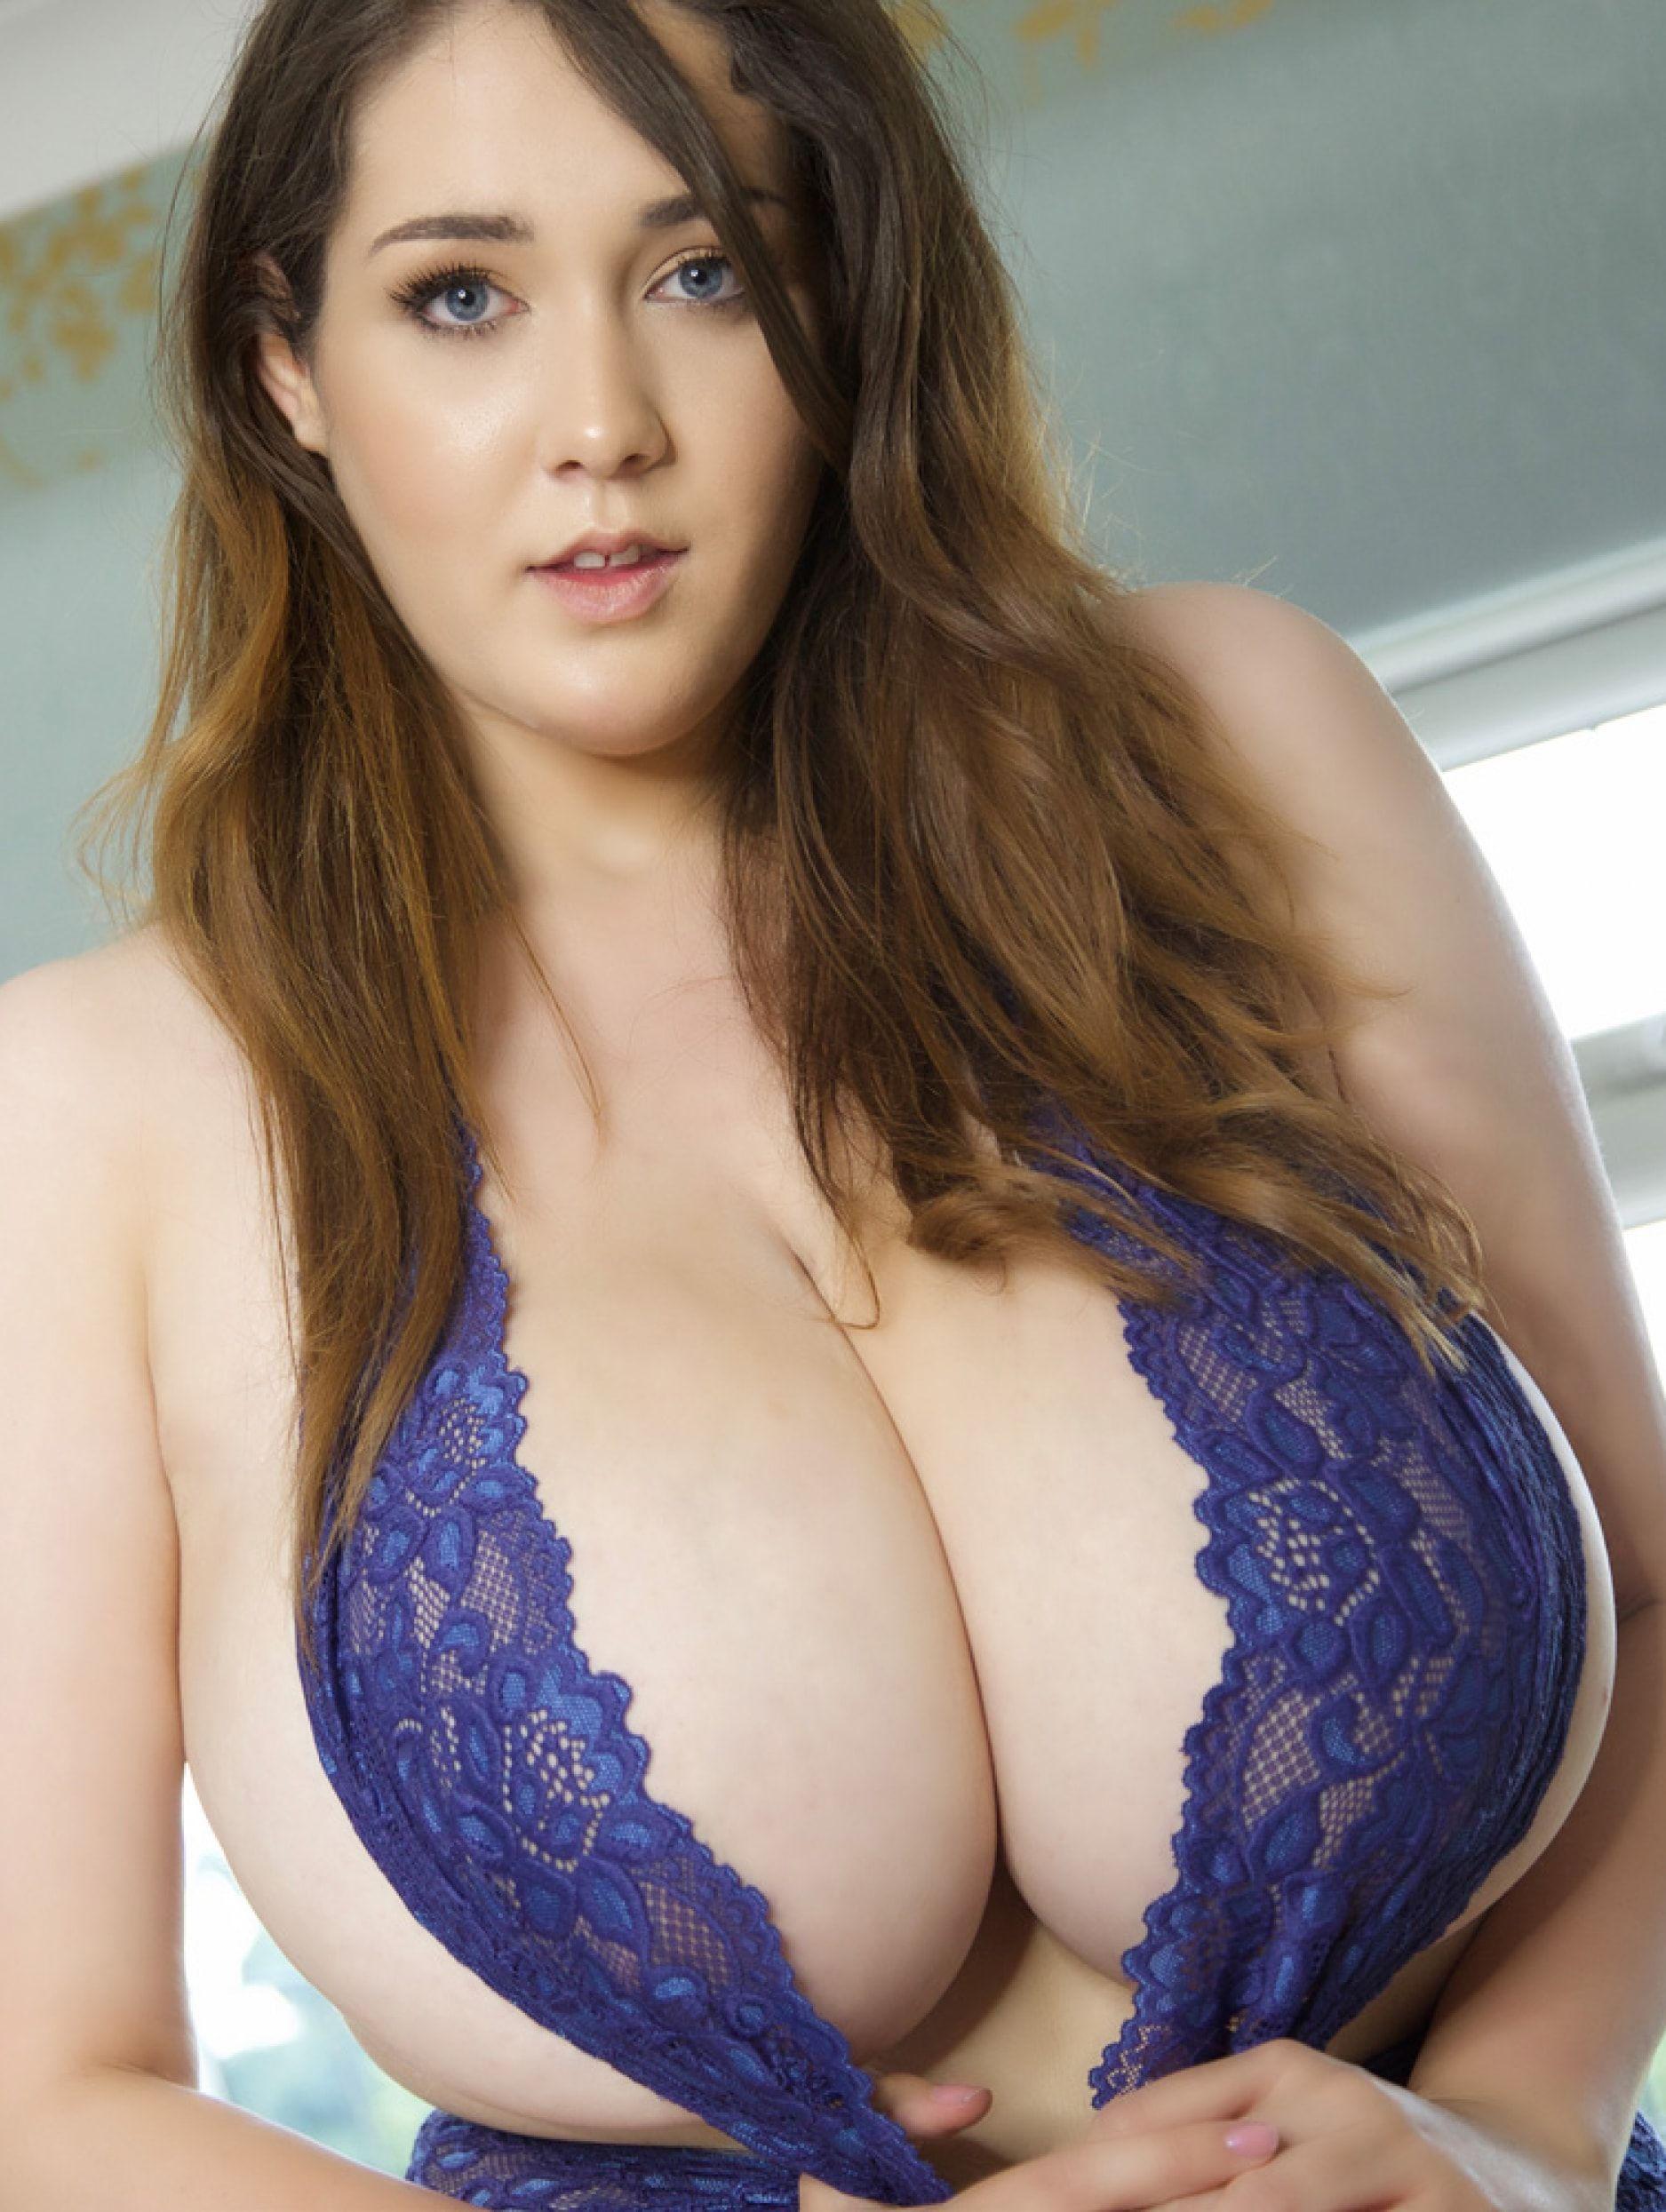 Nude female lsu coeds